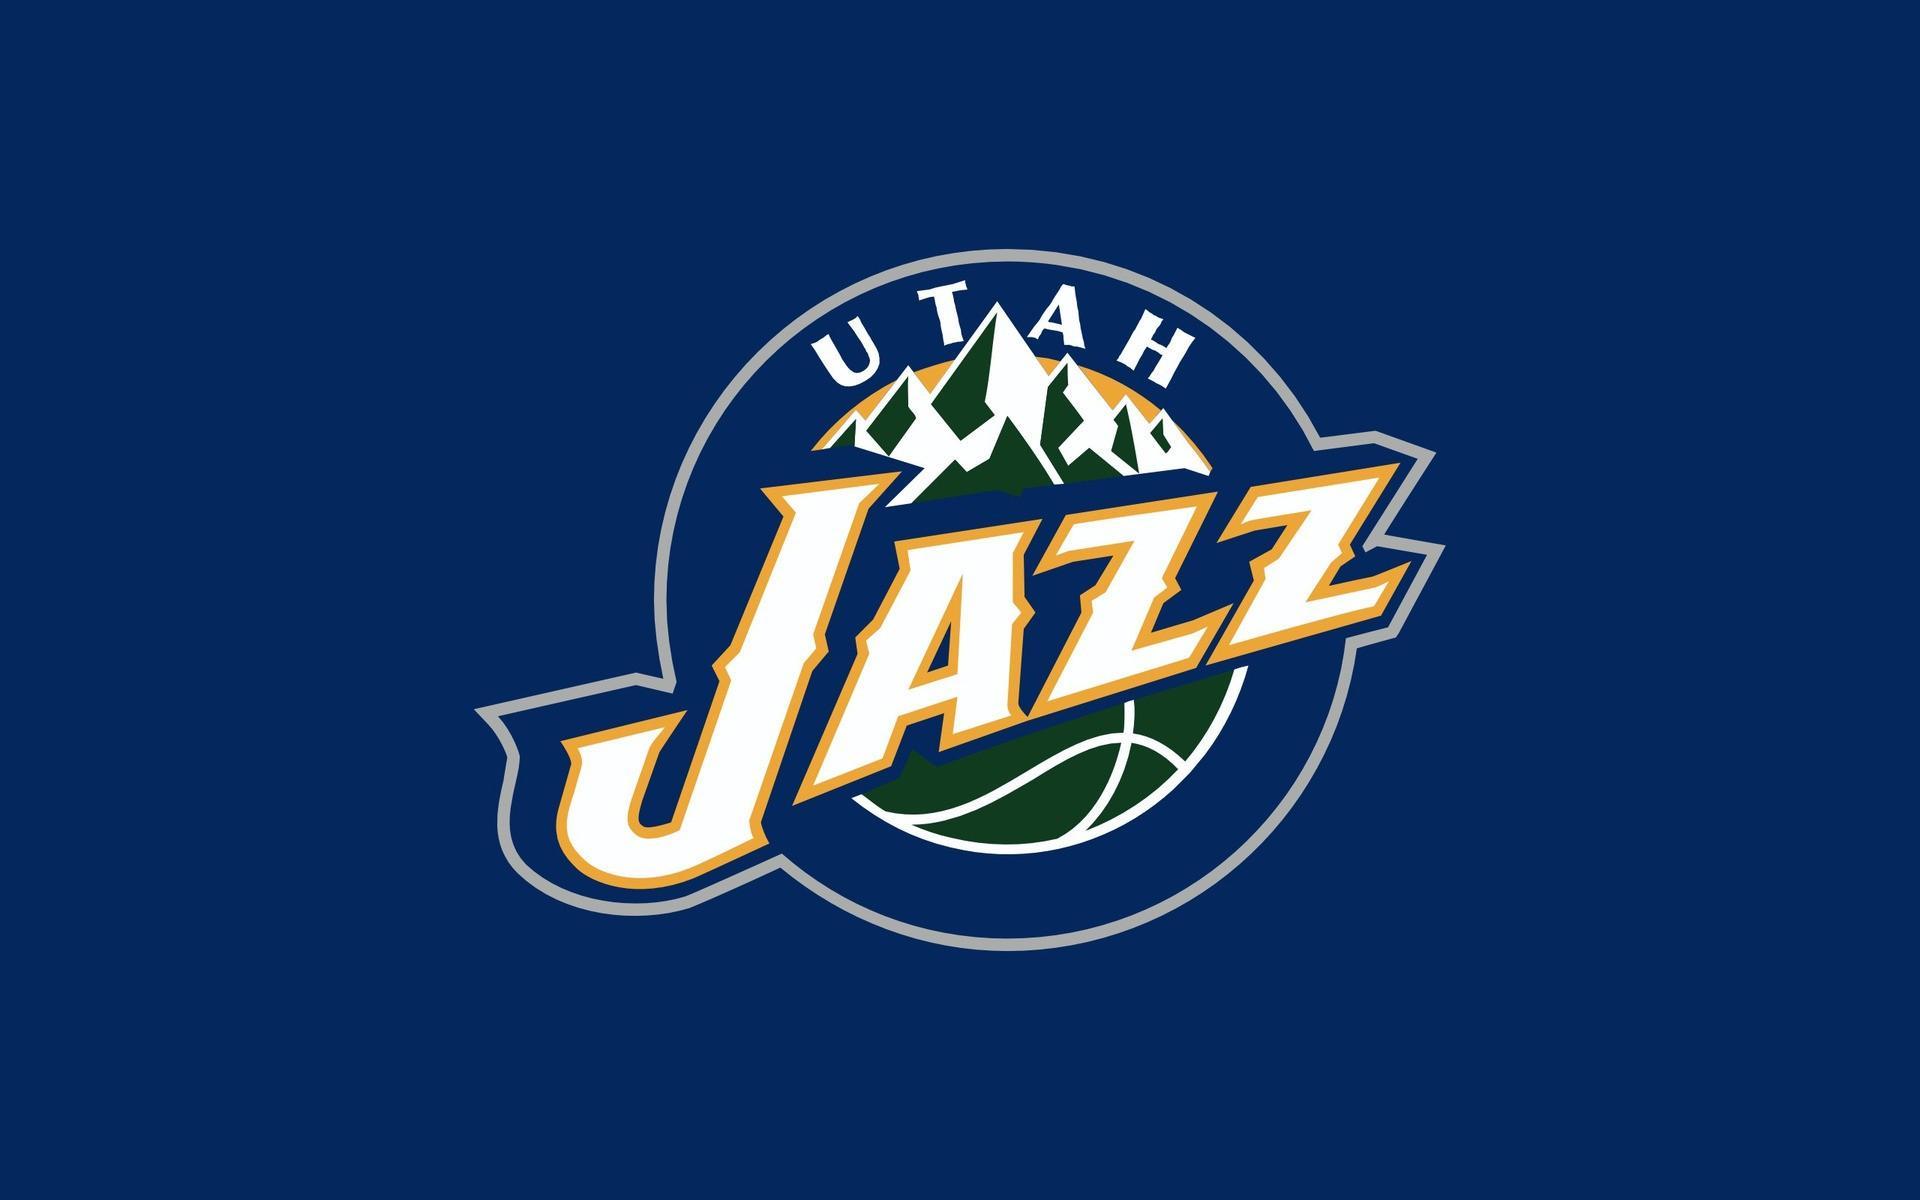 デスクトップ壁紙 19x10 Px バスケットボール ジャズ Nba ユタ州 19x10 Coolwallpapers デスクトップ壁紙 Wallhere